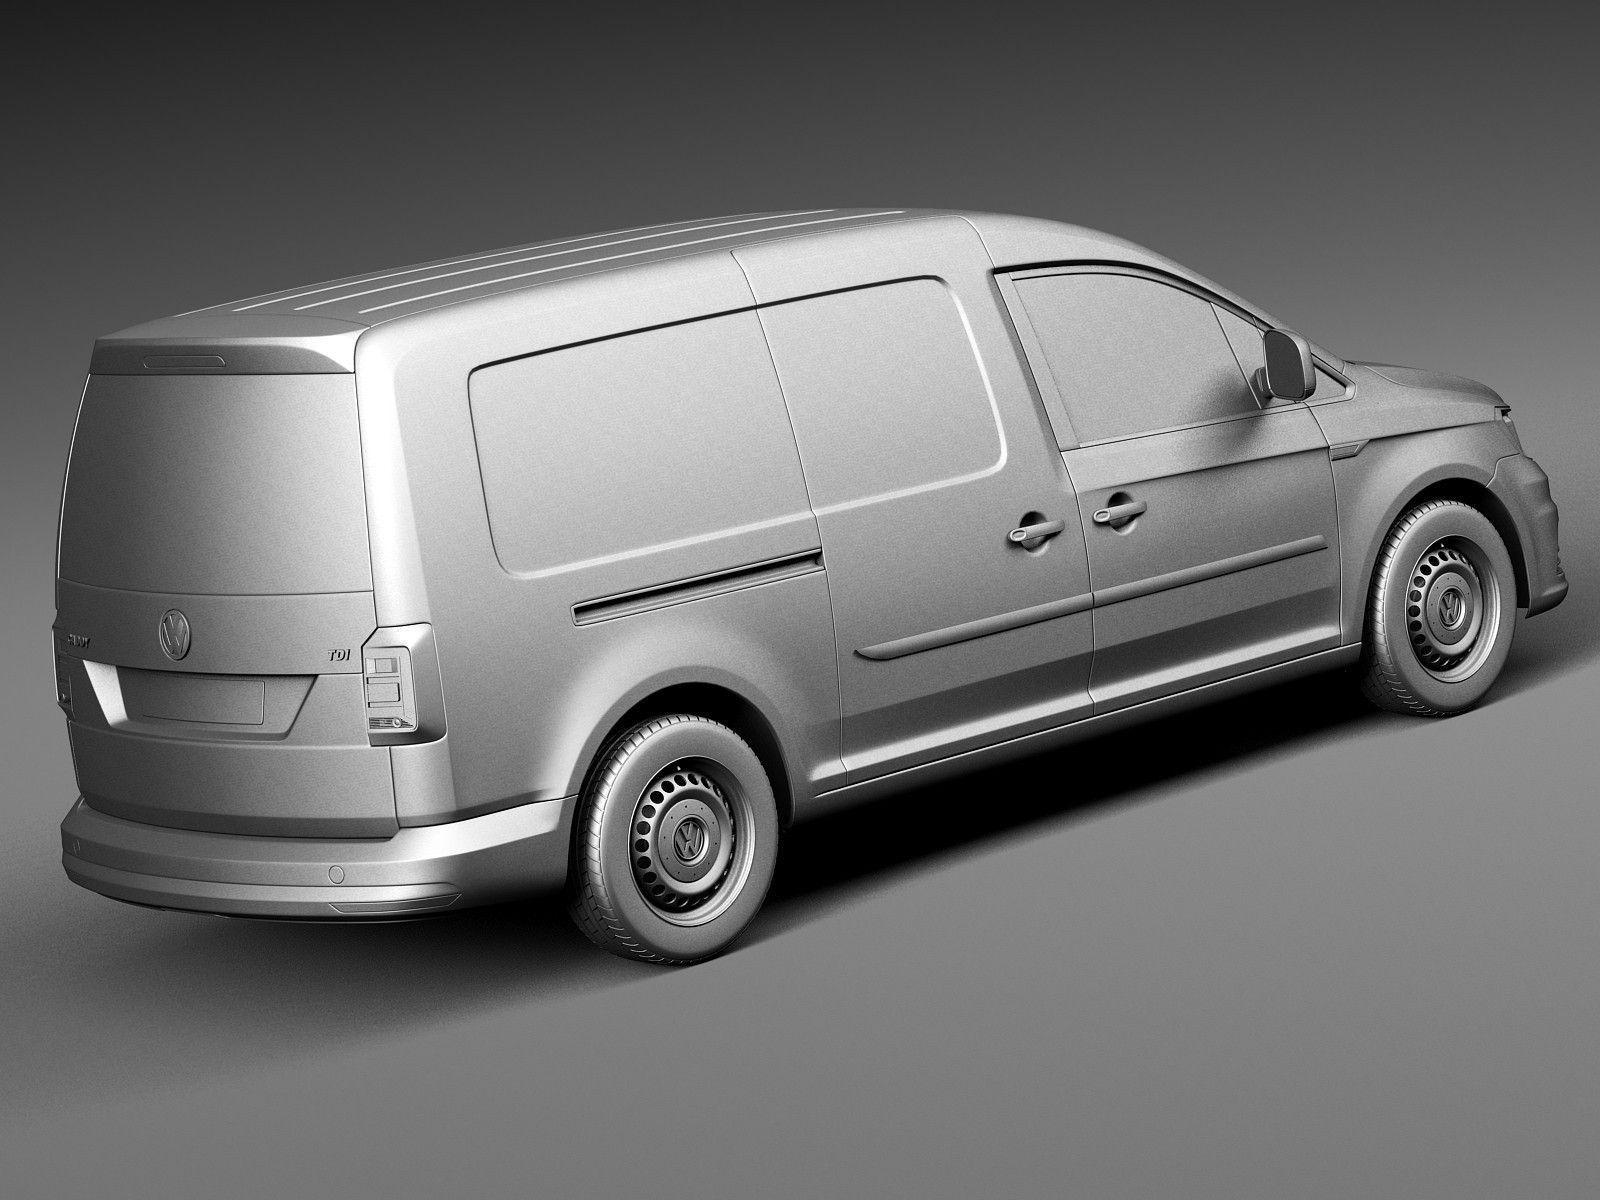 volkswagen caddy maxi van 2016 3d model max obj 3ds fbx c4d lwo lw lws. Black Bedroom Furniture Sets. Home Design Ideas